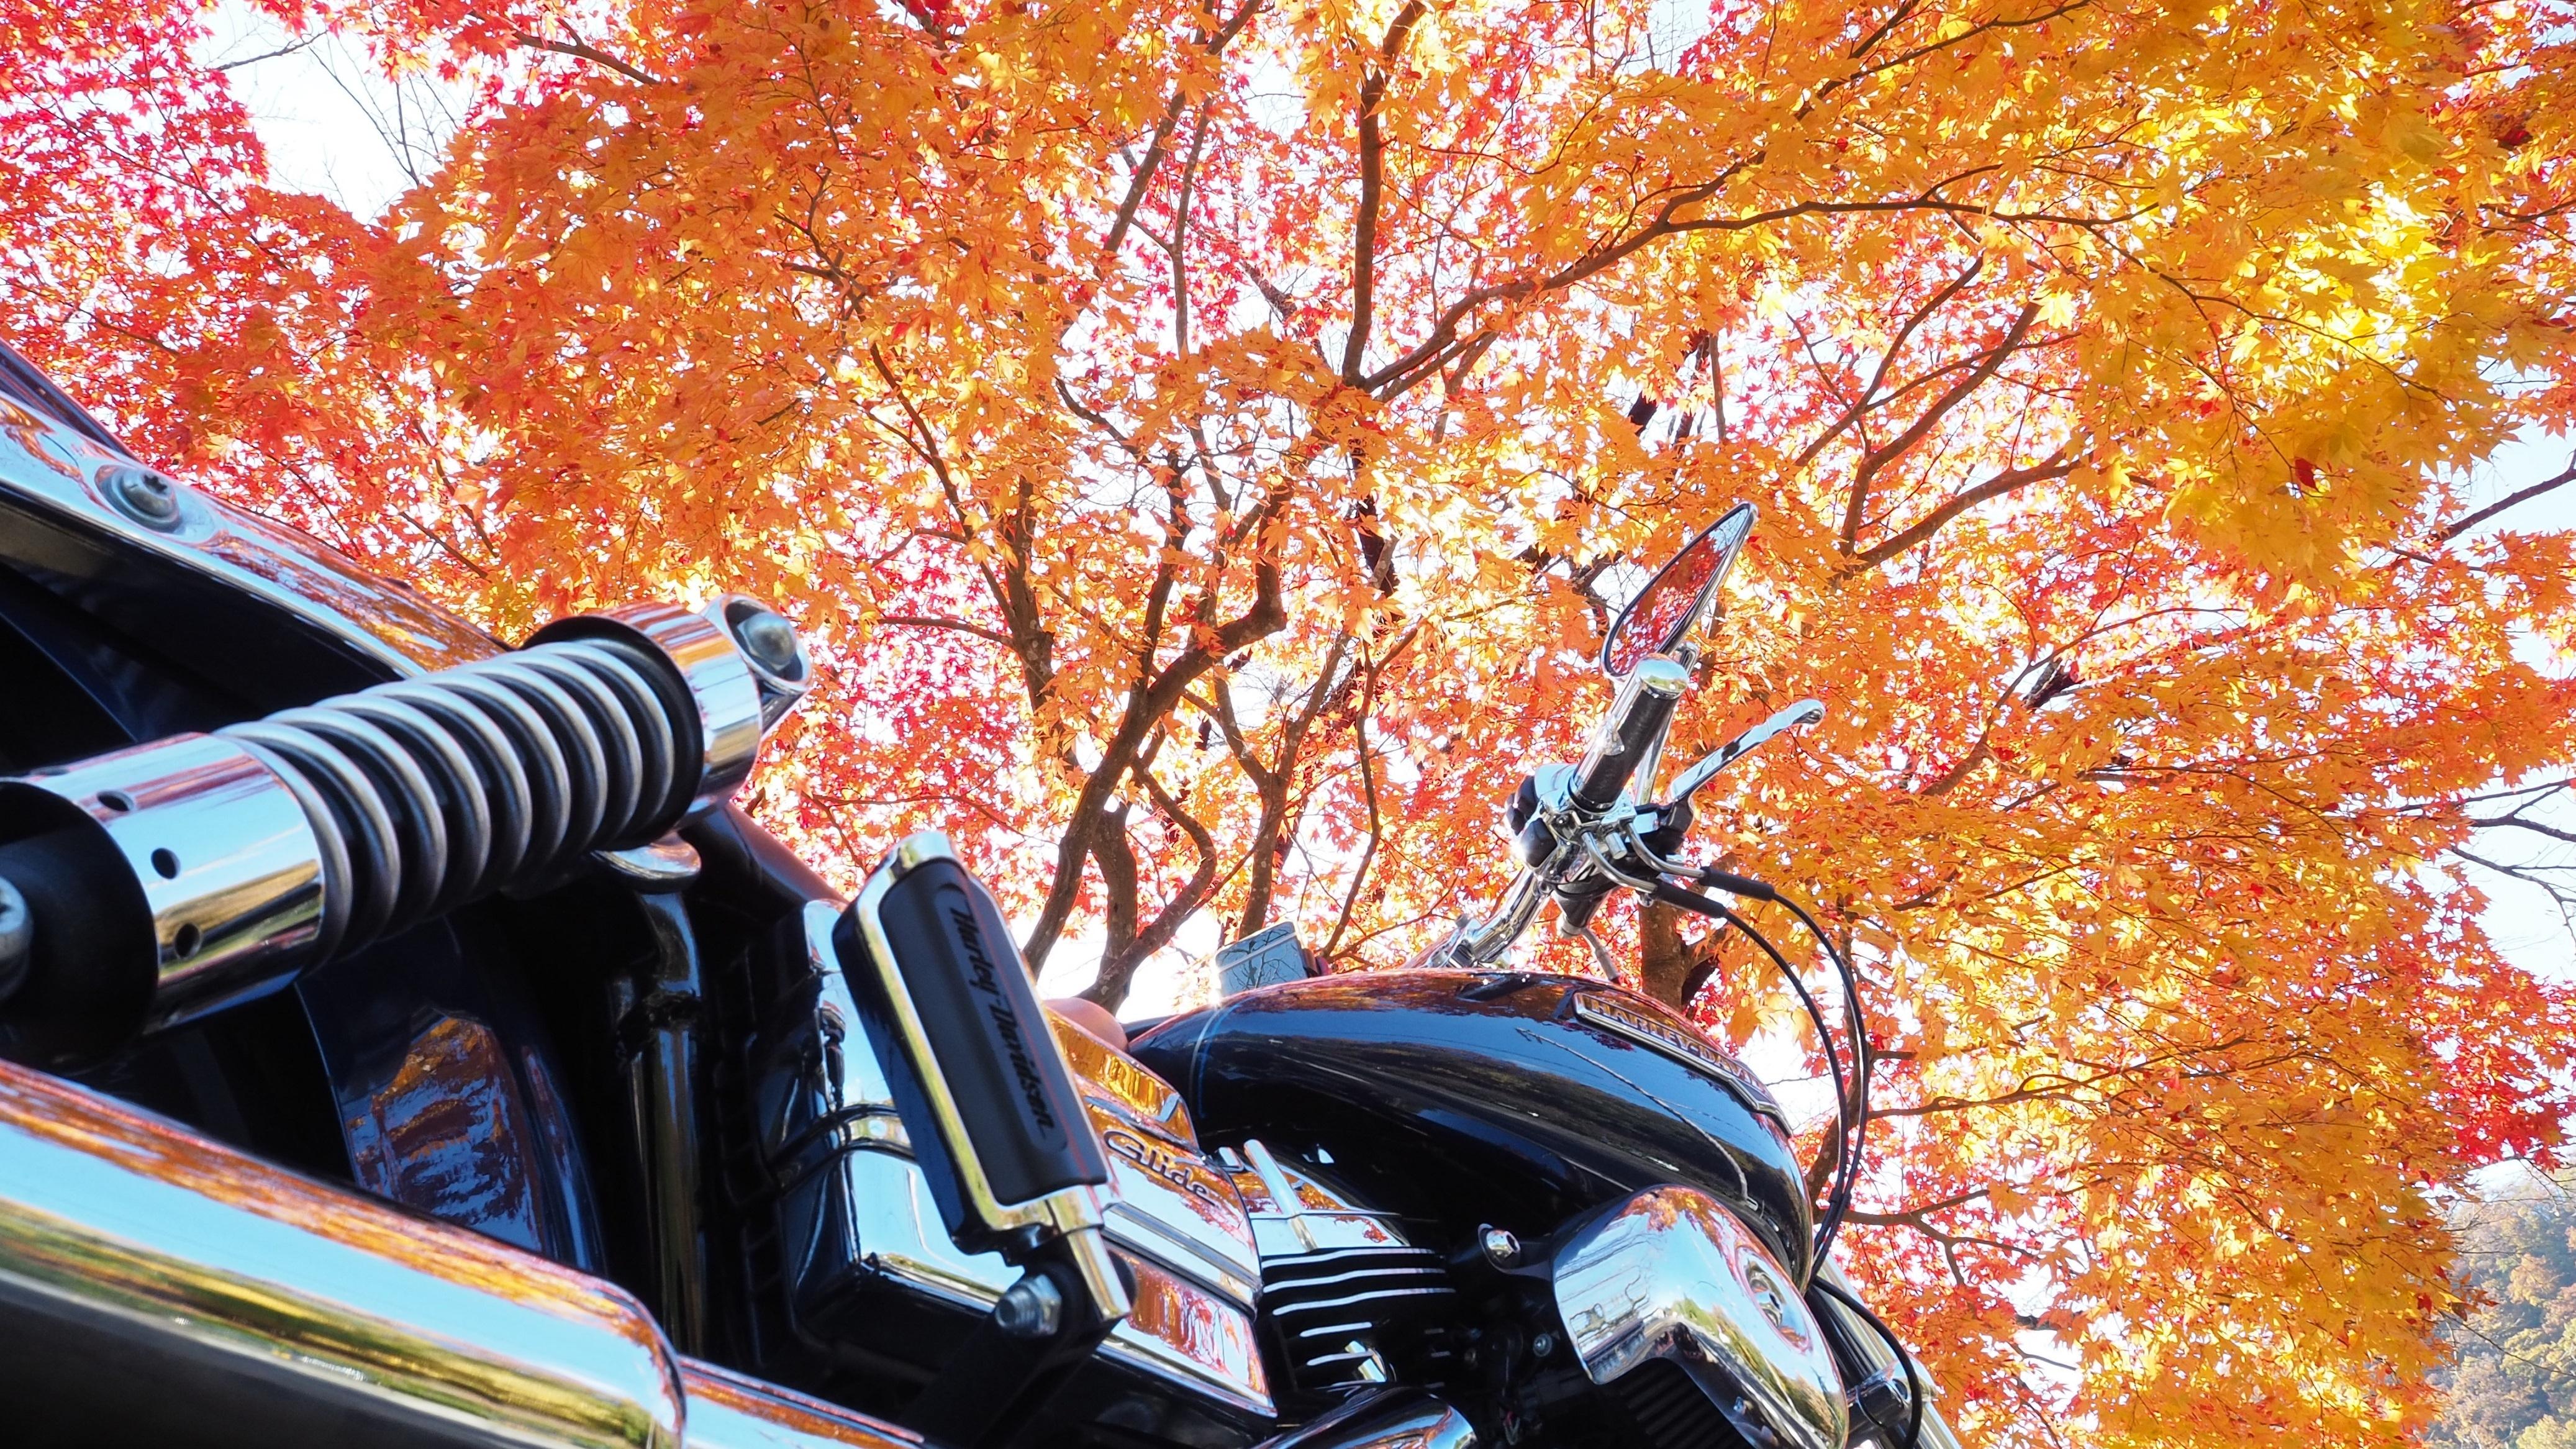 ぴーきち&ダイナ 美山 かやぶきの里ツーリング 大野ダム編 紅葉が美しい道